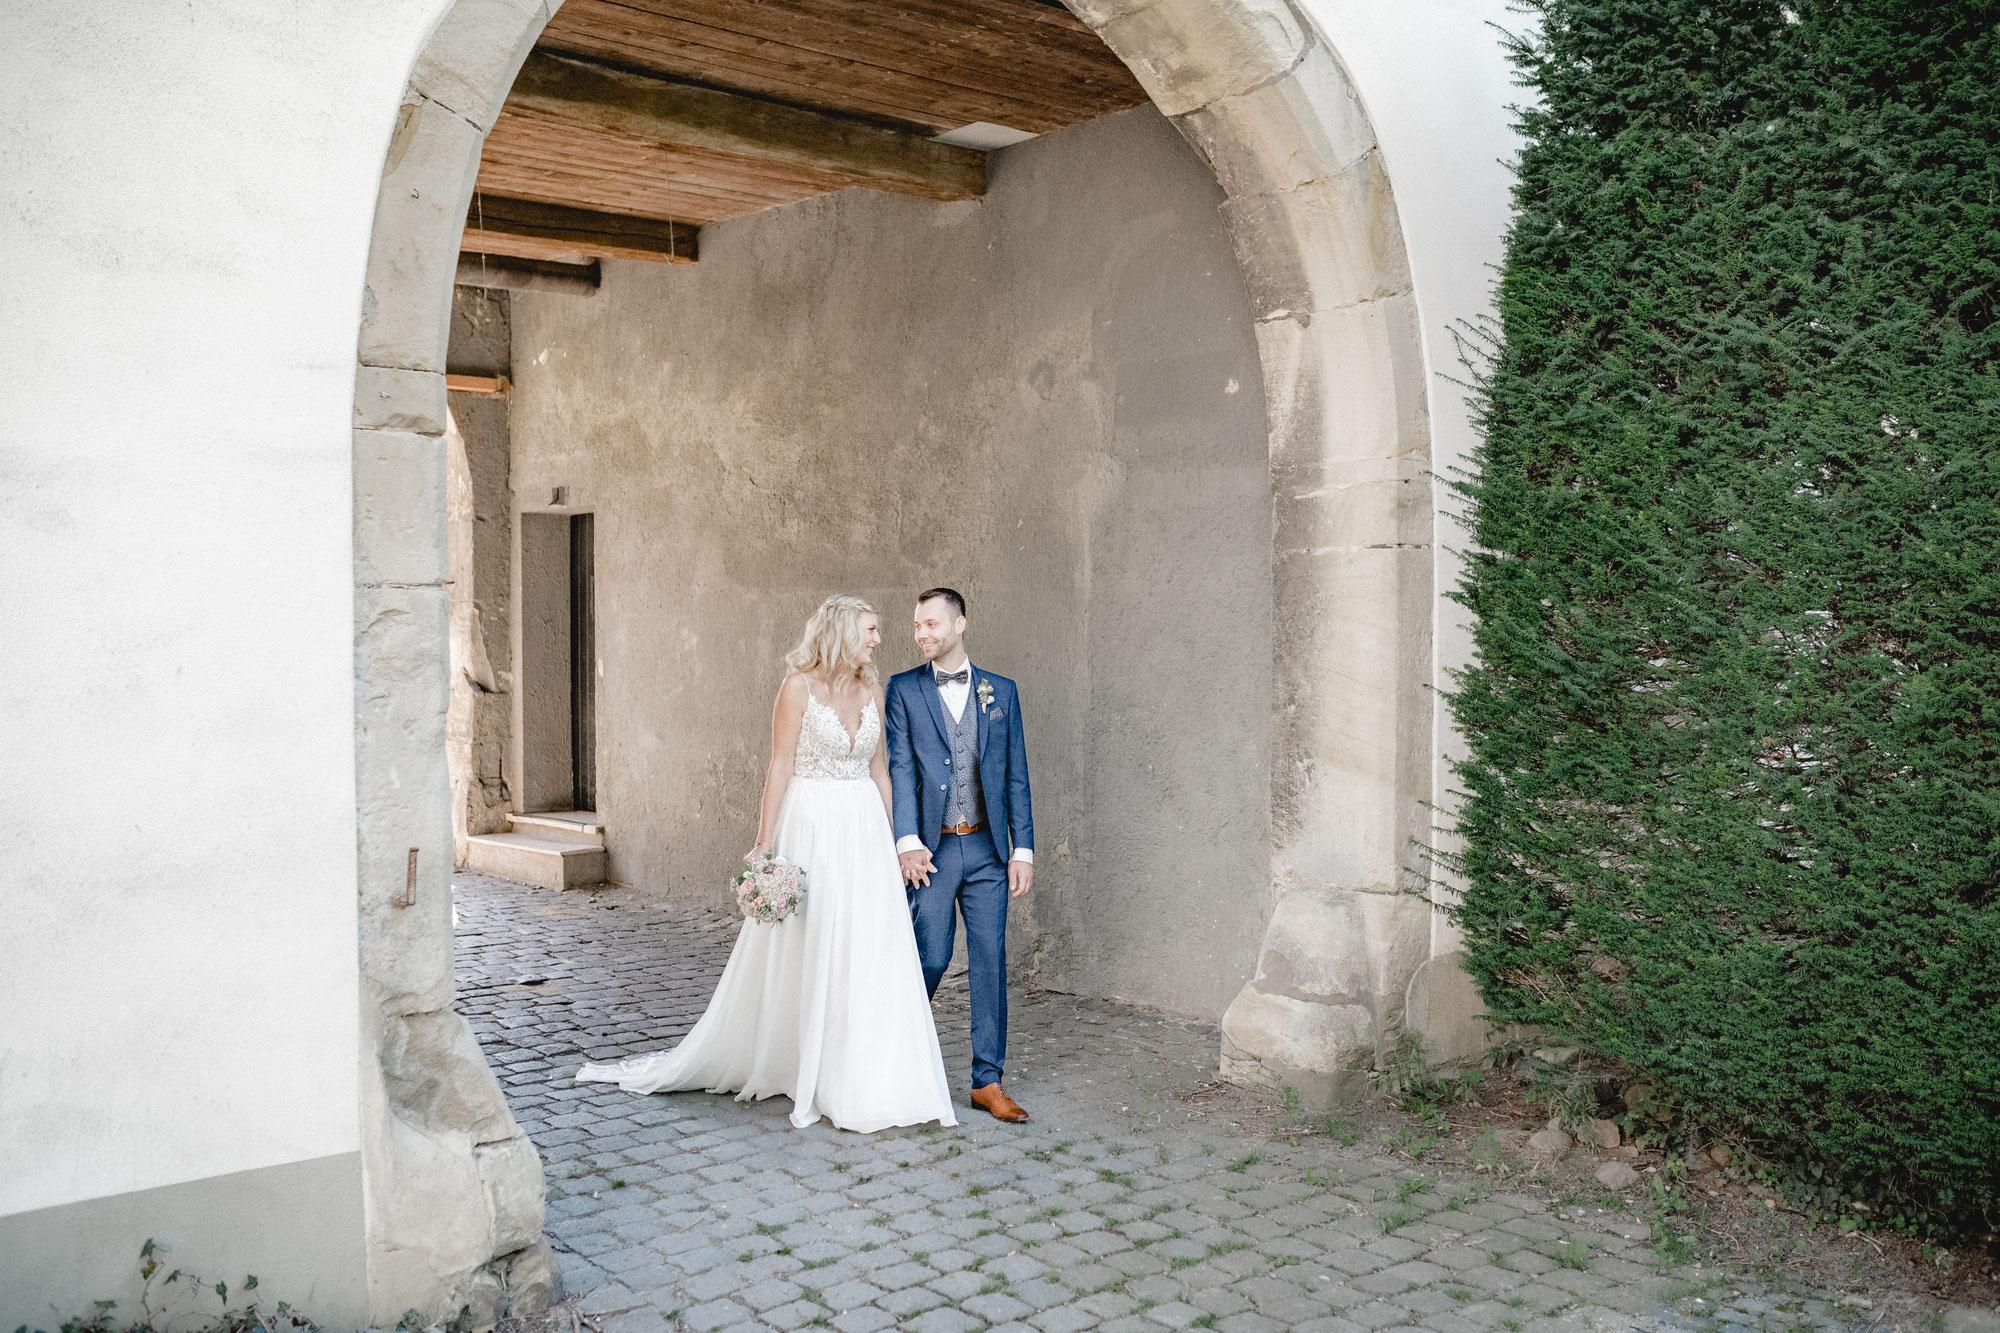 Kira & Daniel, standesamtliche Trauung auf Schloss Bildern